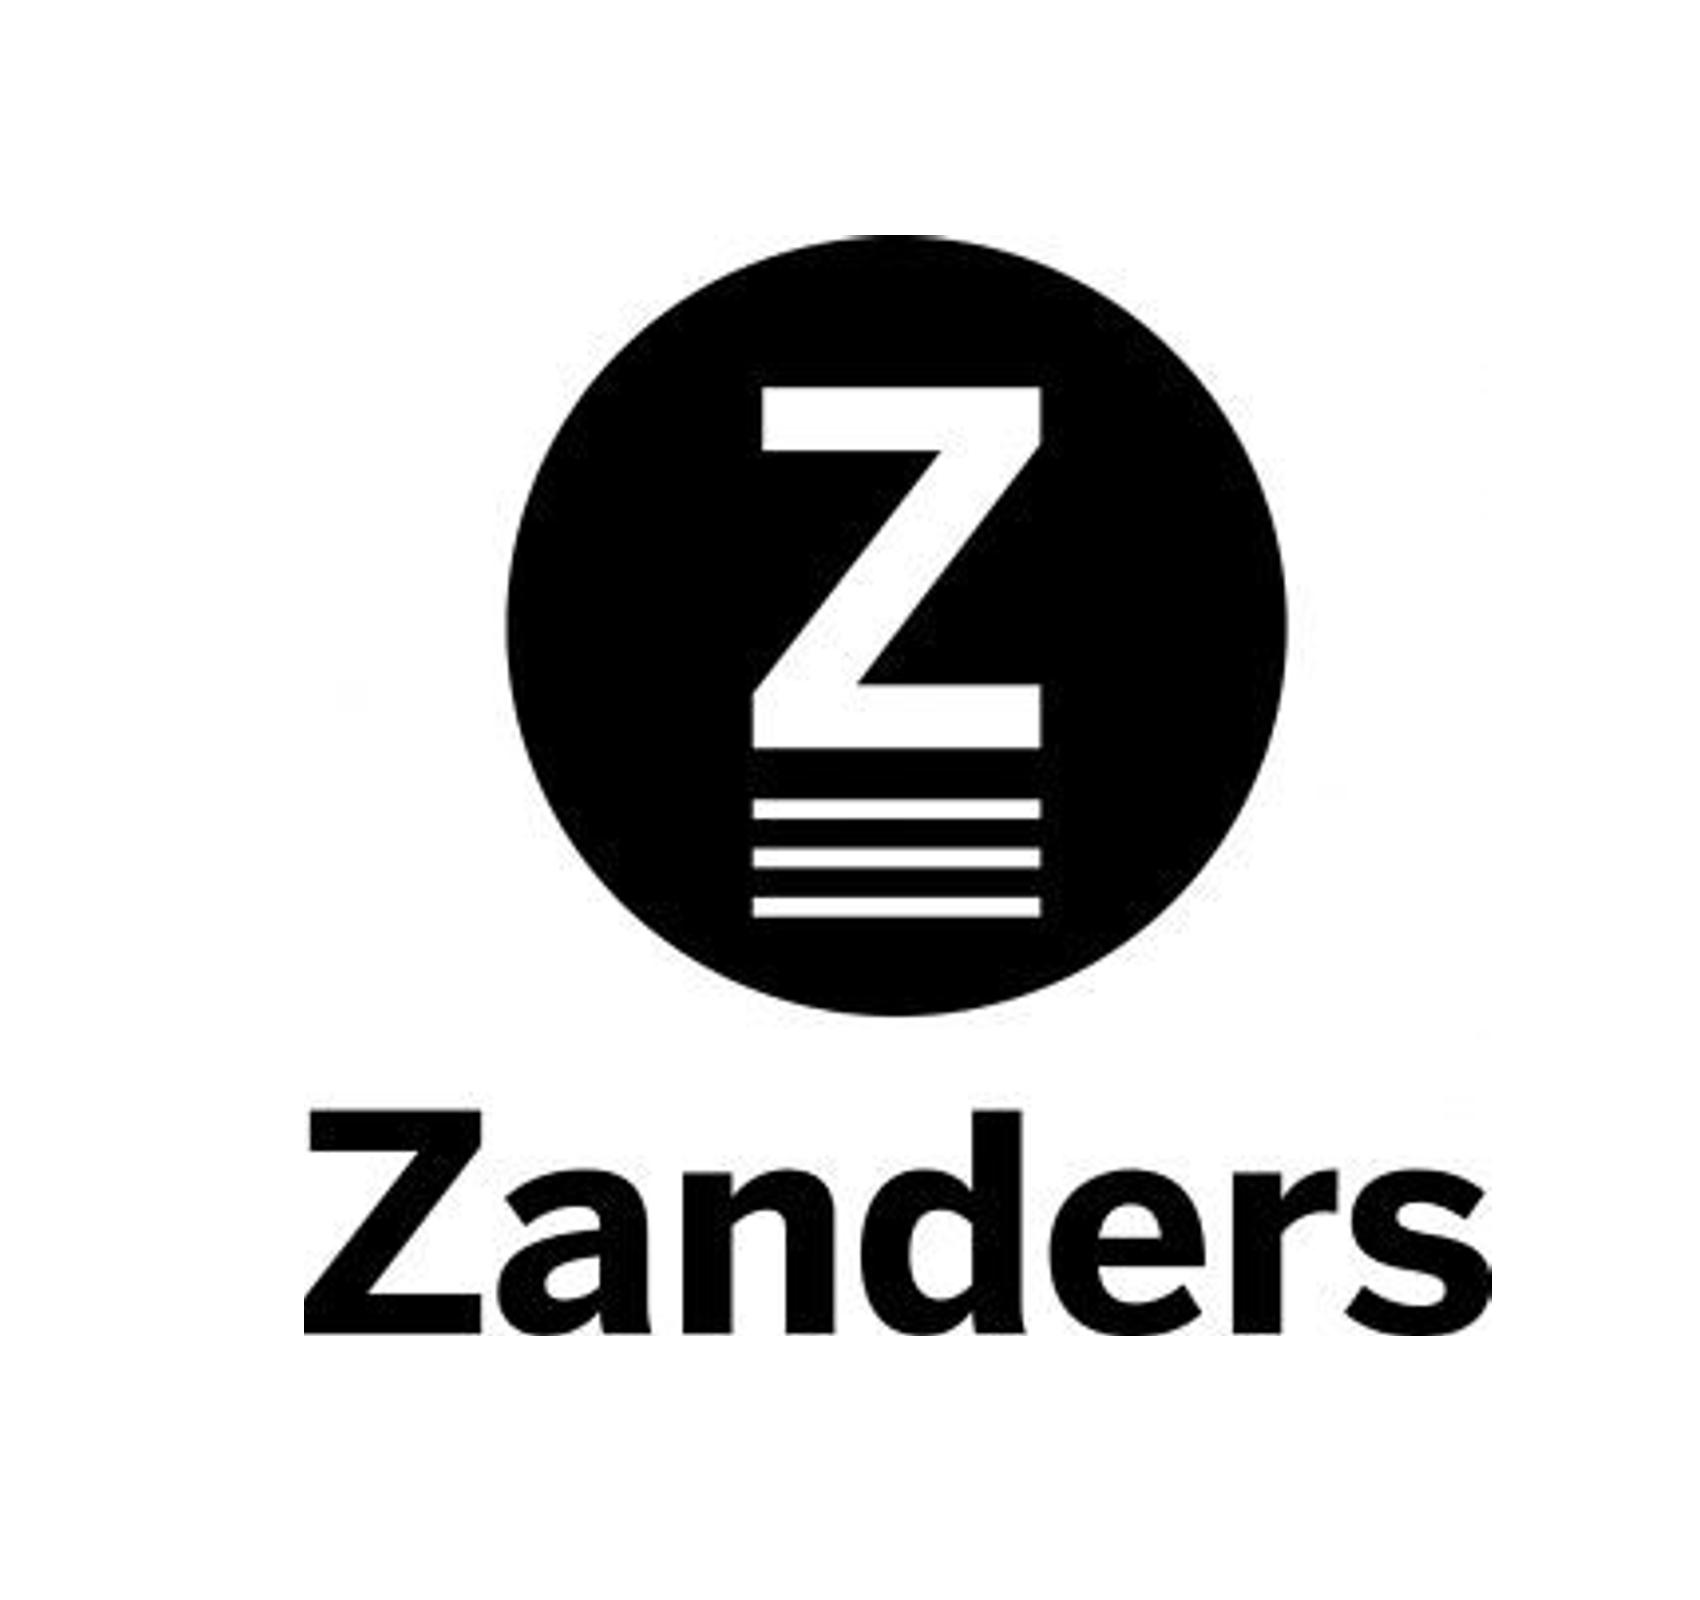 Zanders